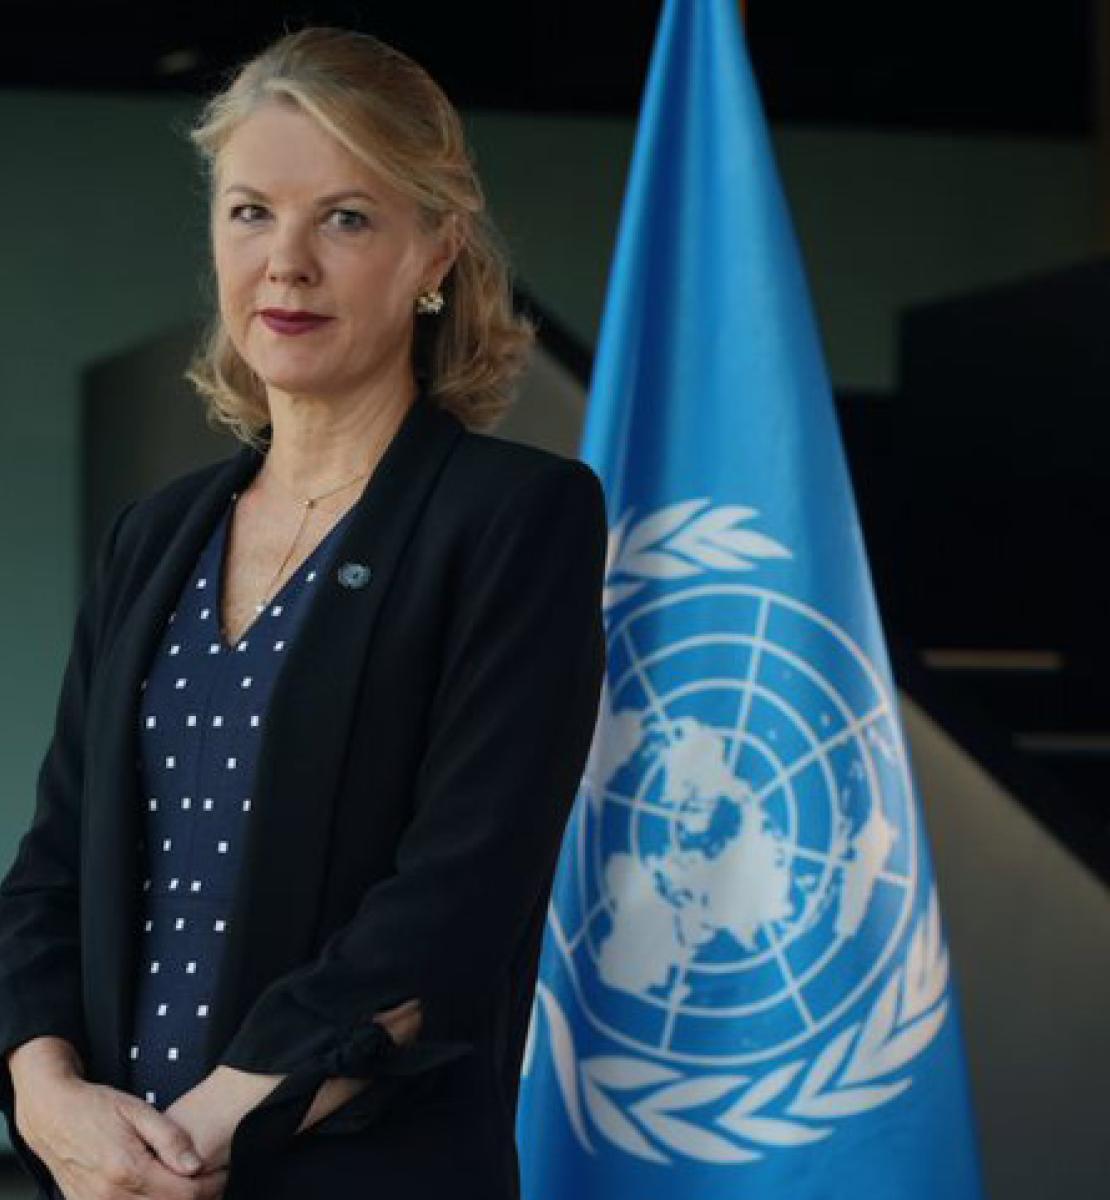 La nouvelle Coordonnatrice résidente des Nations Unies au Brésil, Silvia Rucks, se tient debout devant le drapeau de l'ONU, face caméra.